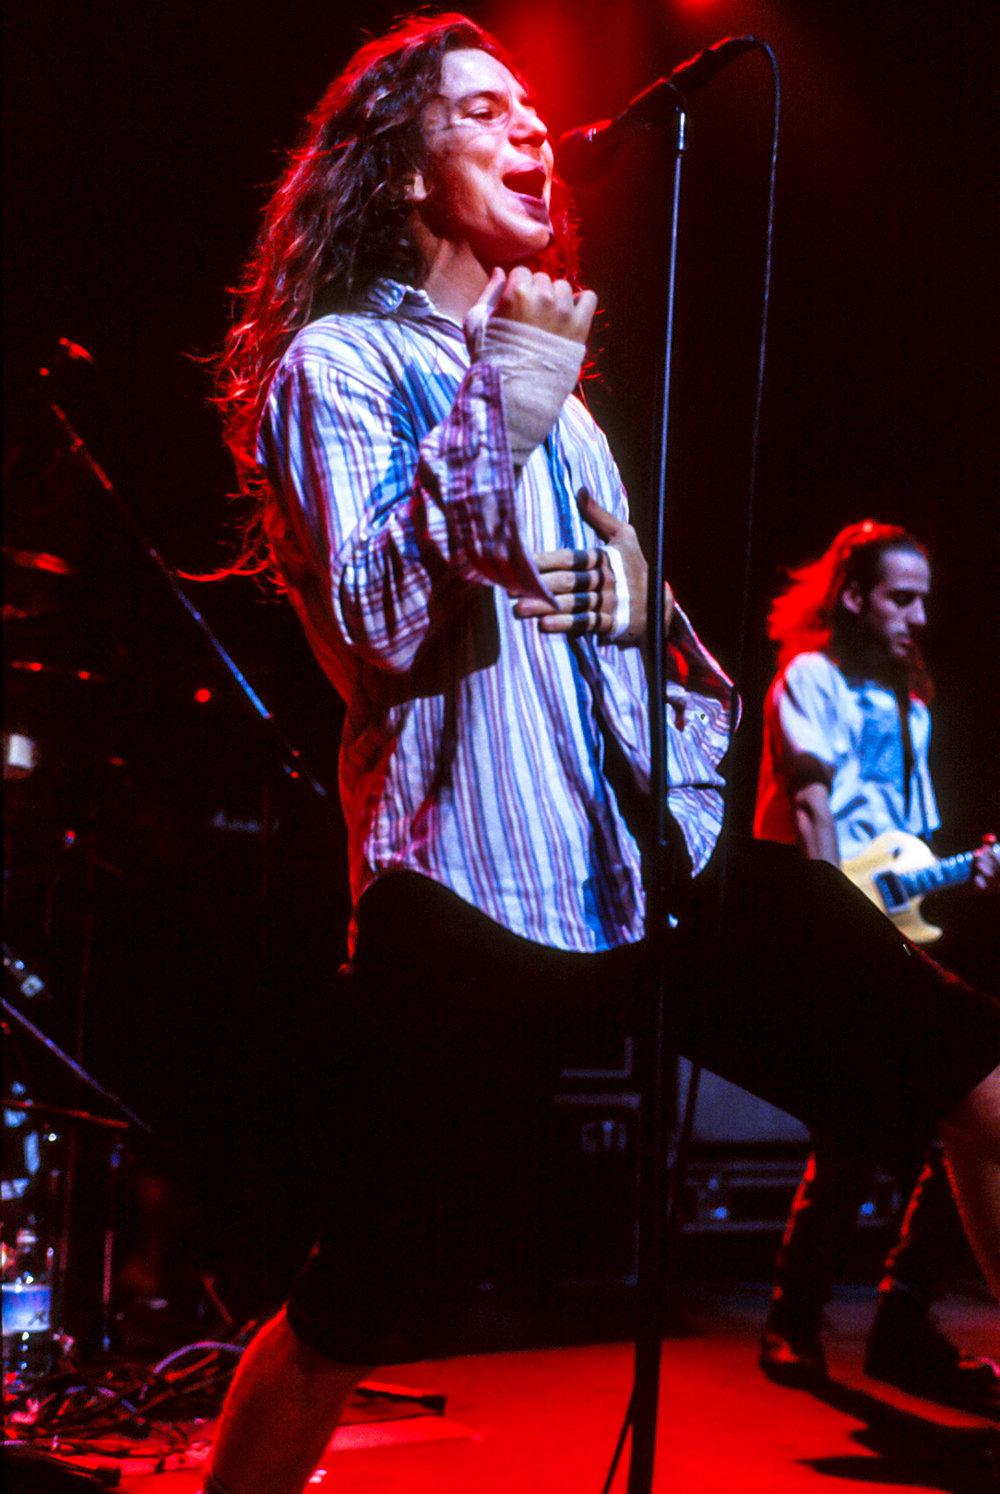 Eddie Vedder/Pearl Jam - 1991